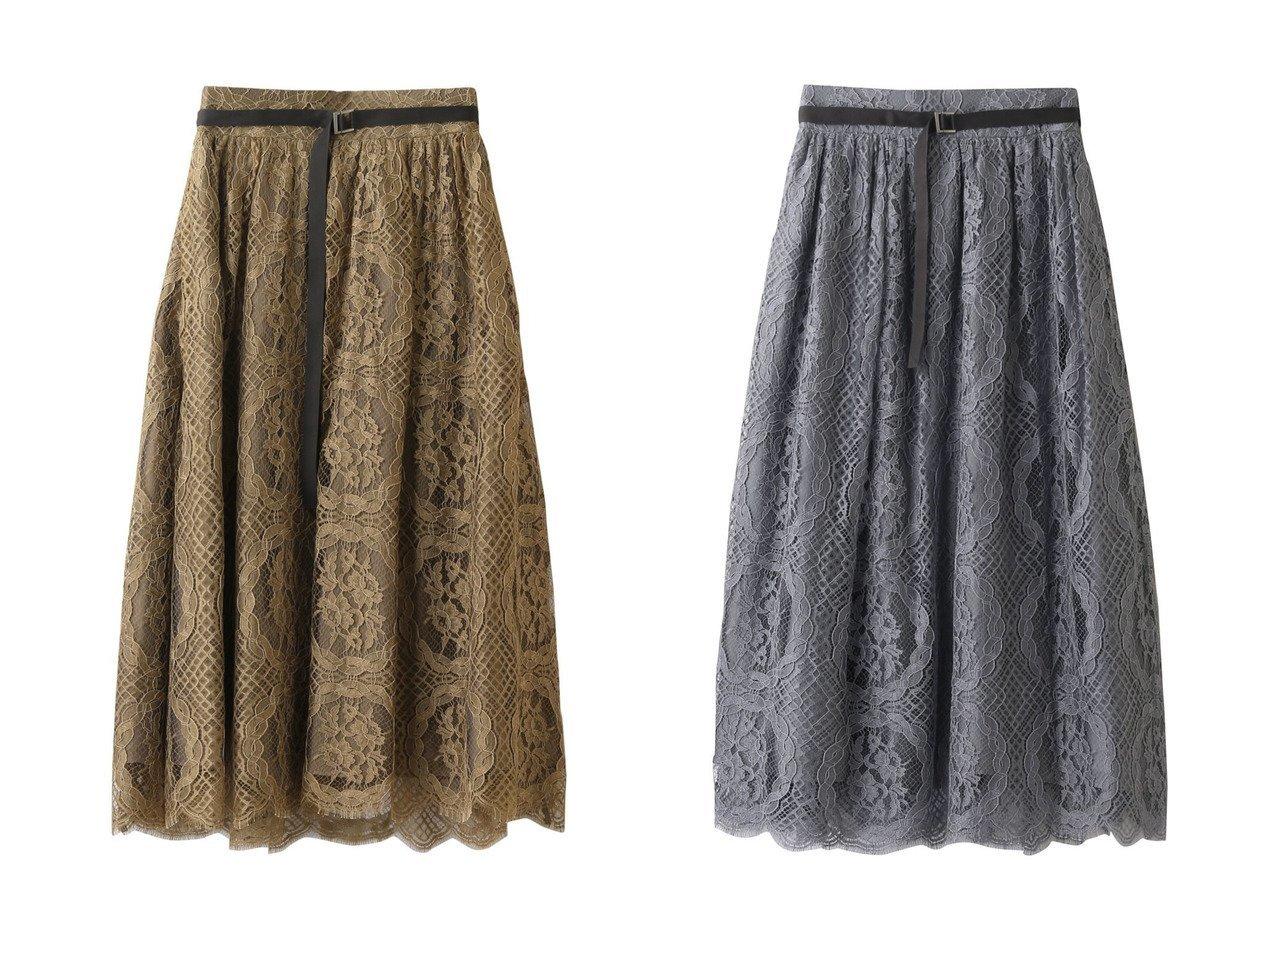 【ebure/エブール】のサークルフラワーレース ギャザースカート 【スカート】おすすめ!人気、トレンド・レディースファッションの通販 おすすめで人気の流行・トレンド、ファッションの通販商品 インテリア・家具・メンズファッション・キッズファッション・レディースファッション・服の通販 founy(ファニー) https://founy.com/ ファッション Fashion レディースファッション WOMEN スカート Skirt ギャザー サークル フラワー フランス レース |ID:crp329100000070202